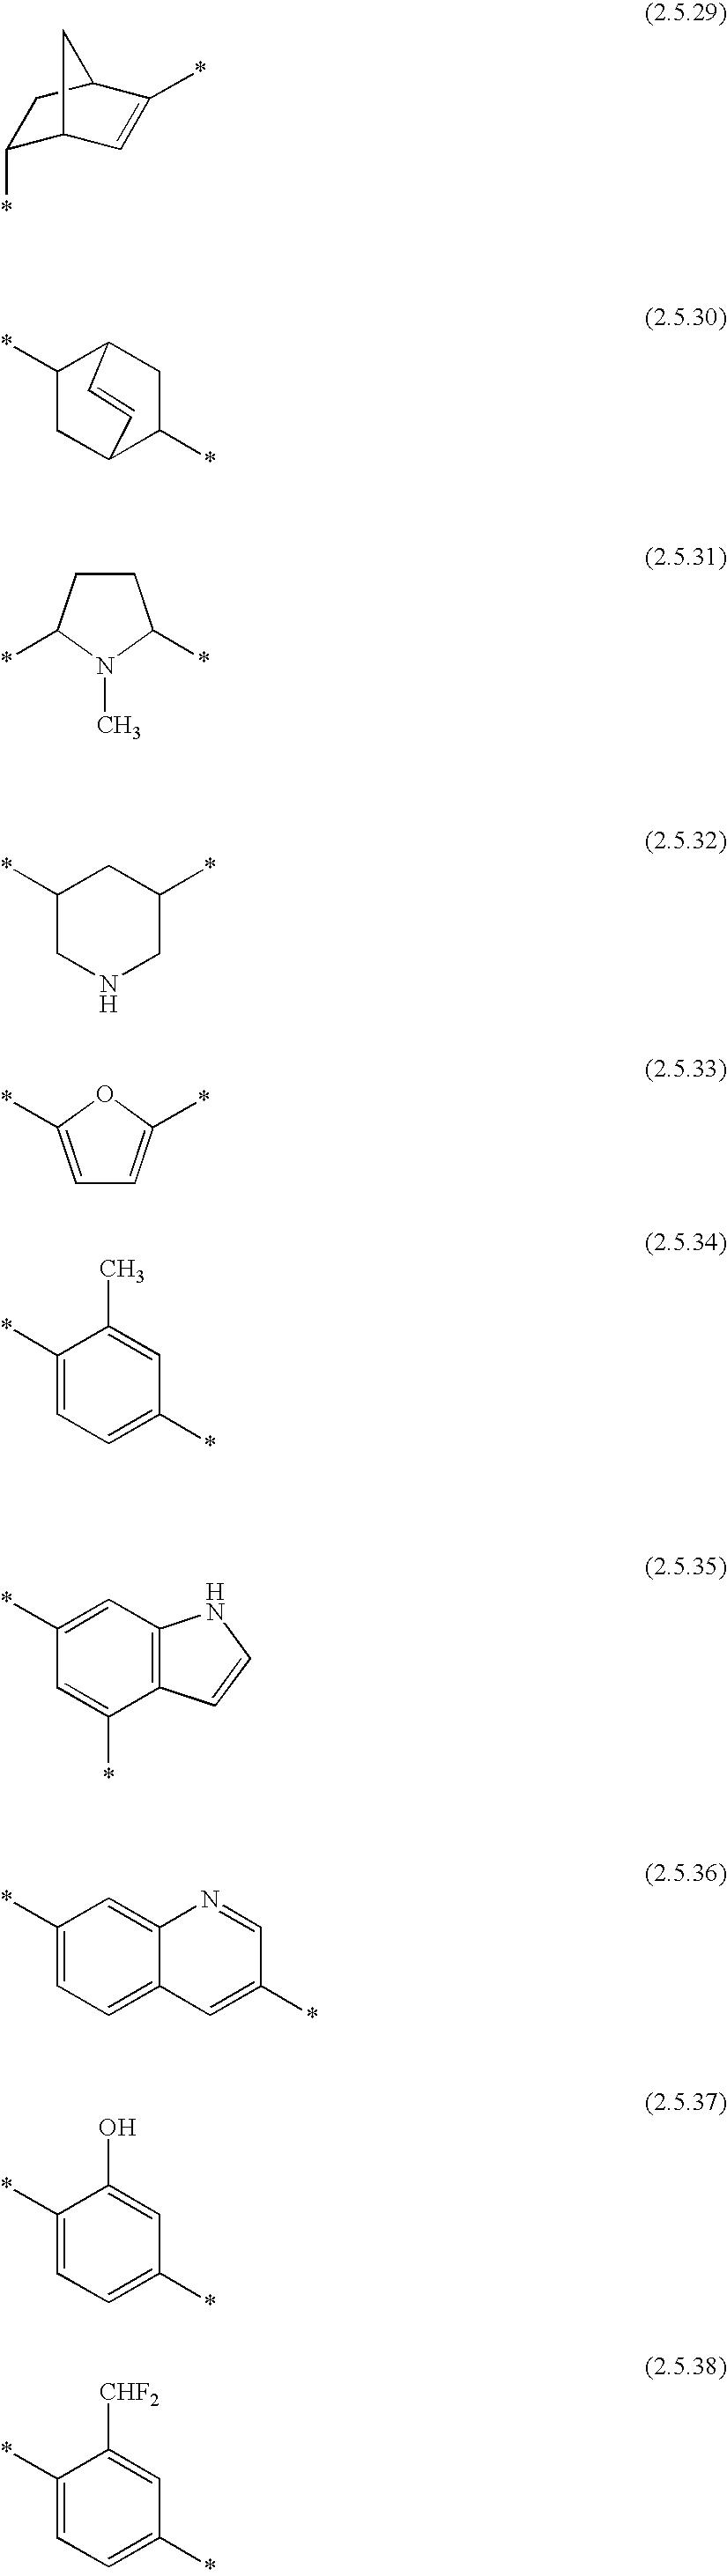 Figure US20030186974A1-20031002-C00096